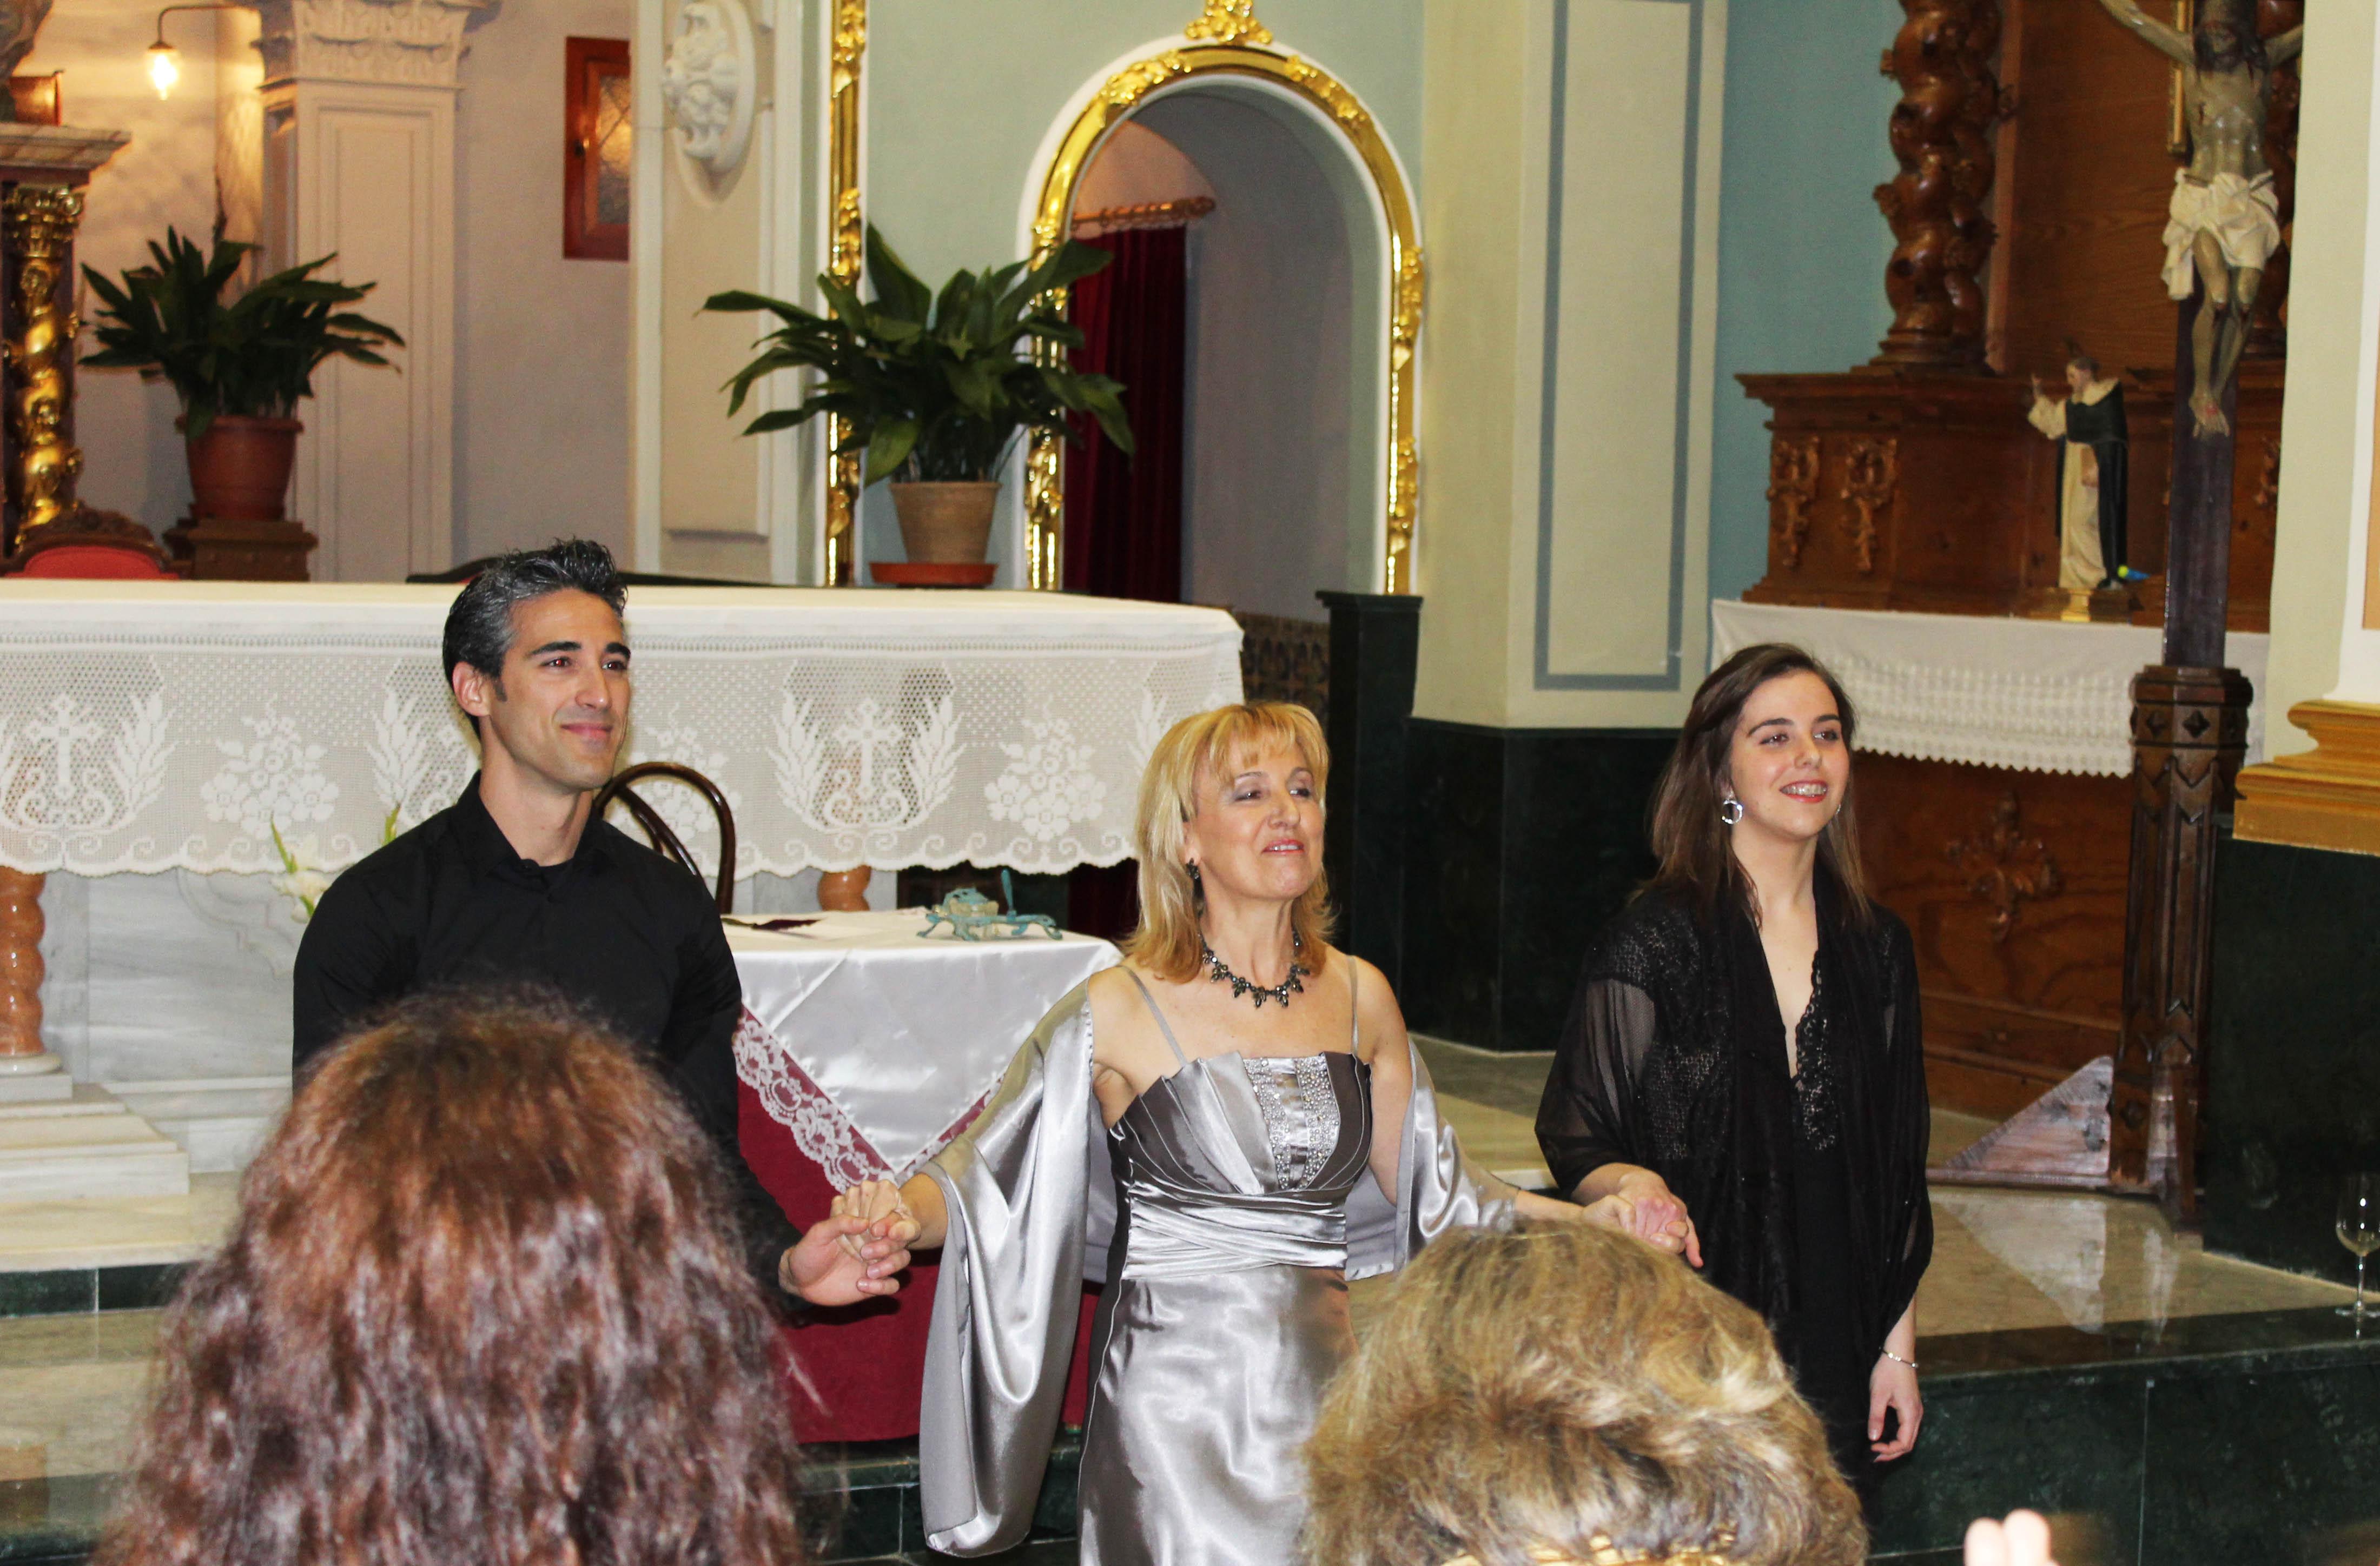 El pianista David Soliva con las sopranos Astrid Crone y Claire Adams.